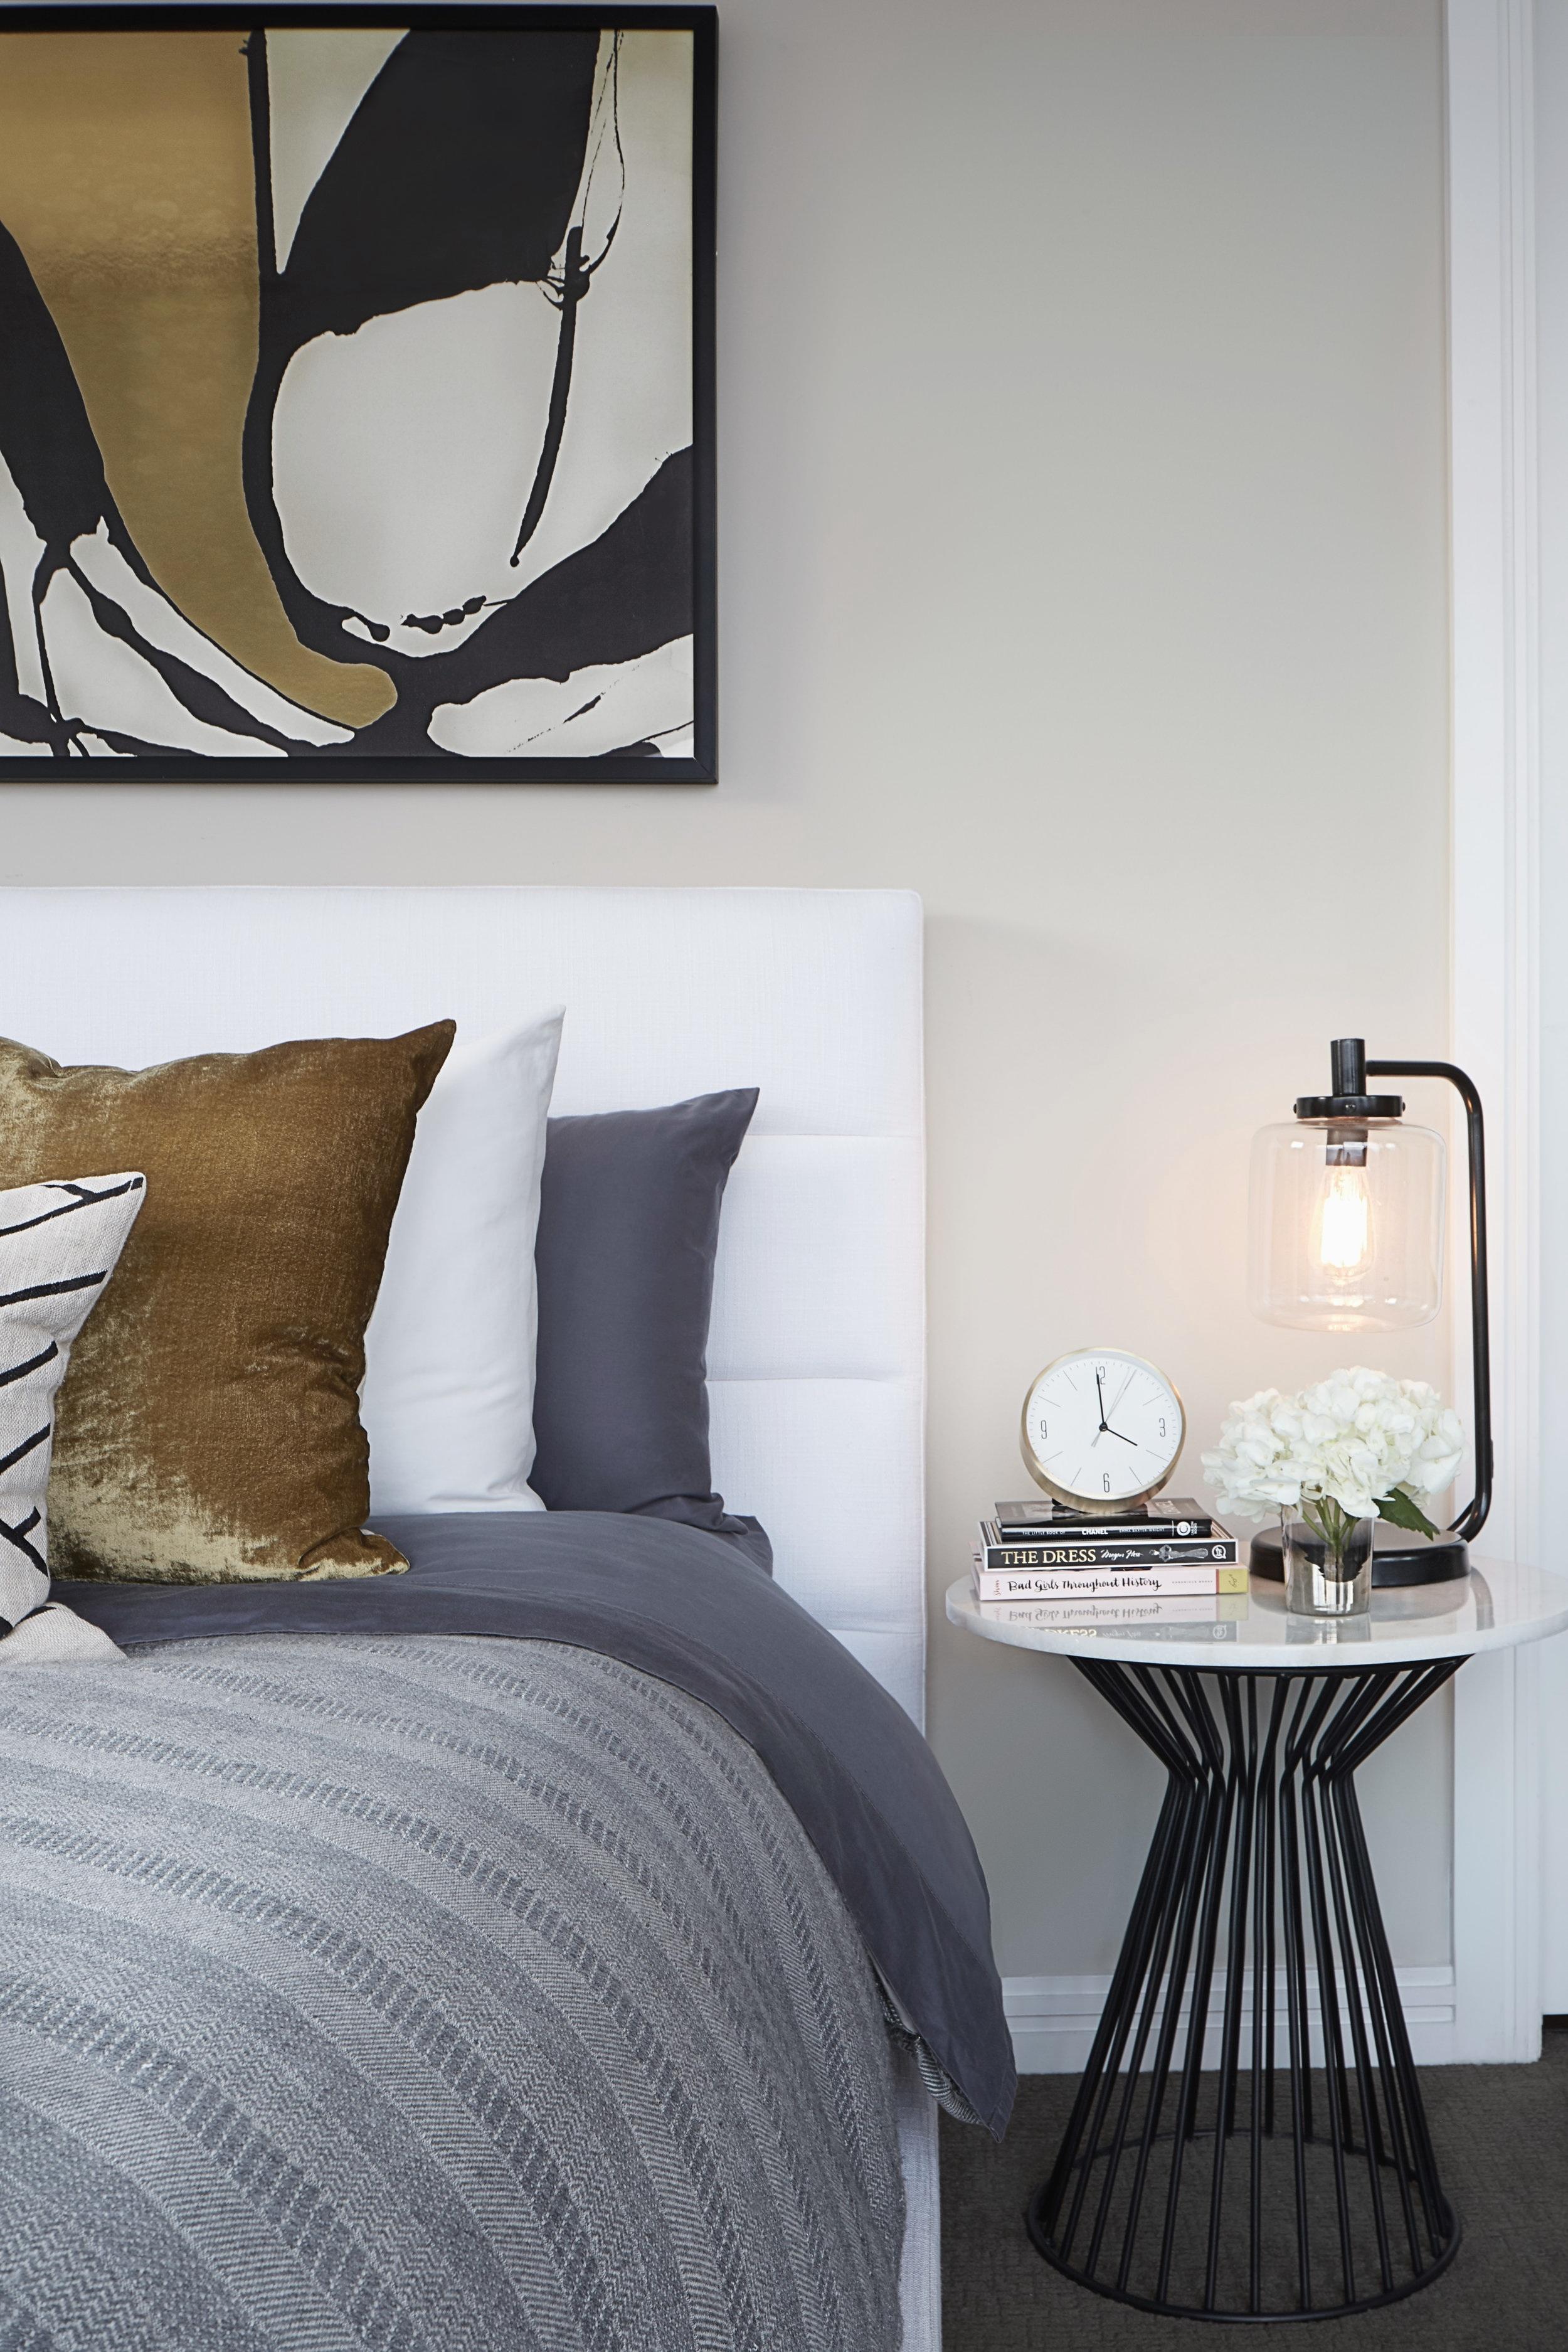 Bedroom+Vignette+light+on.jpg